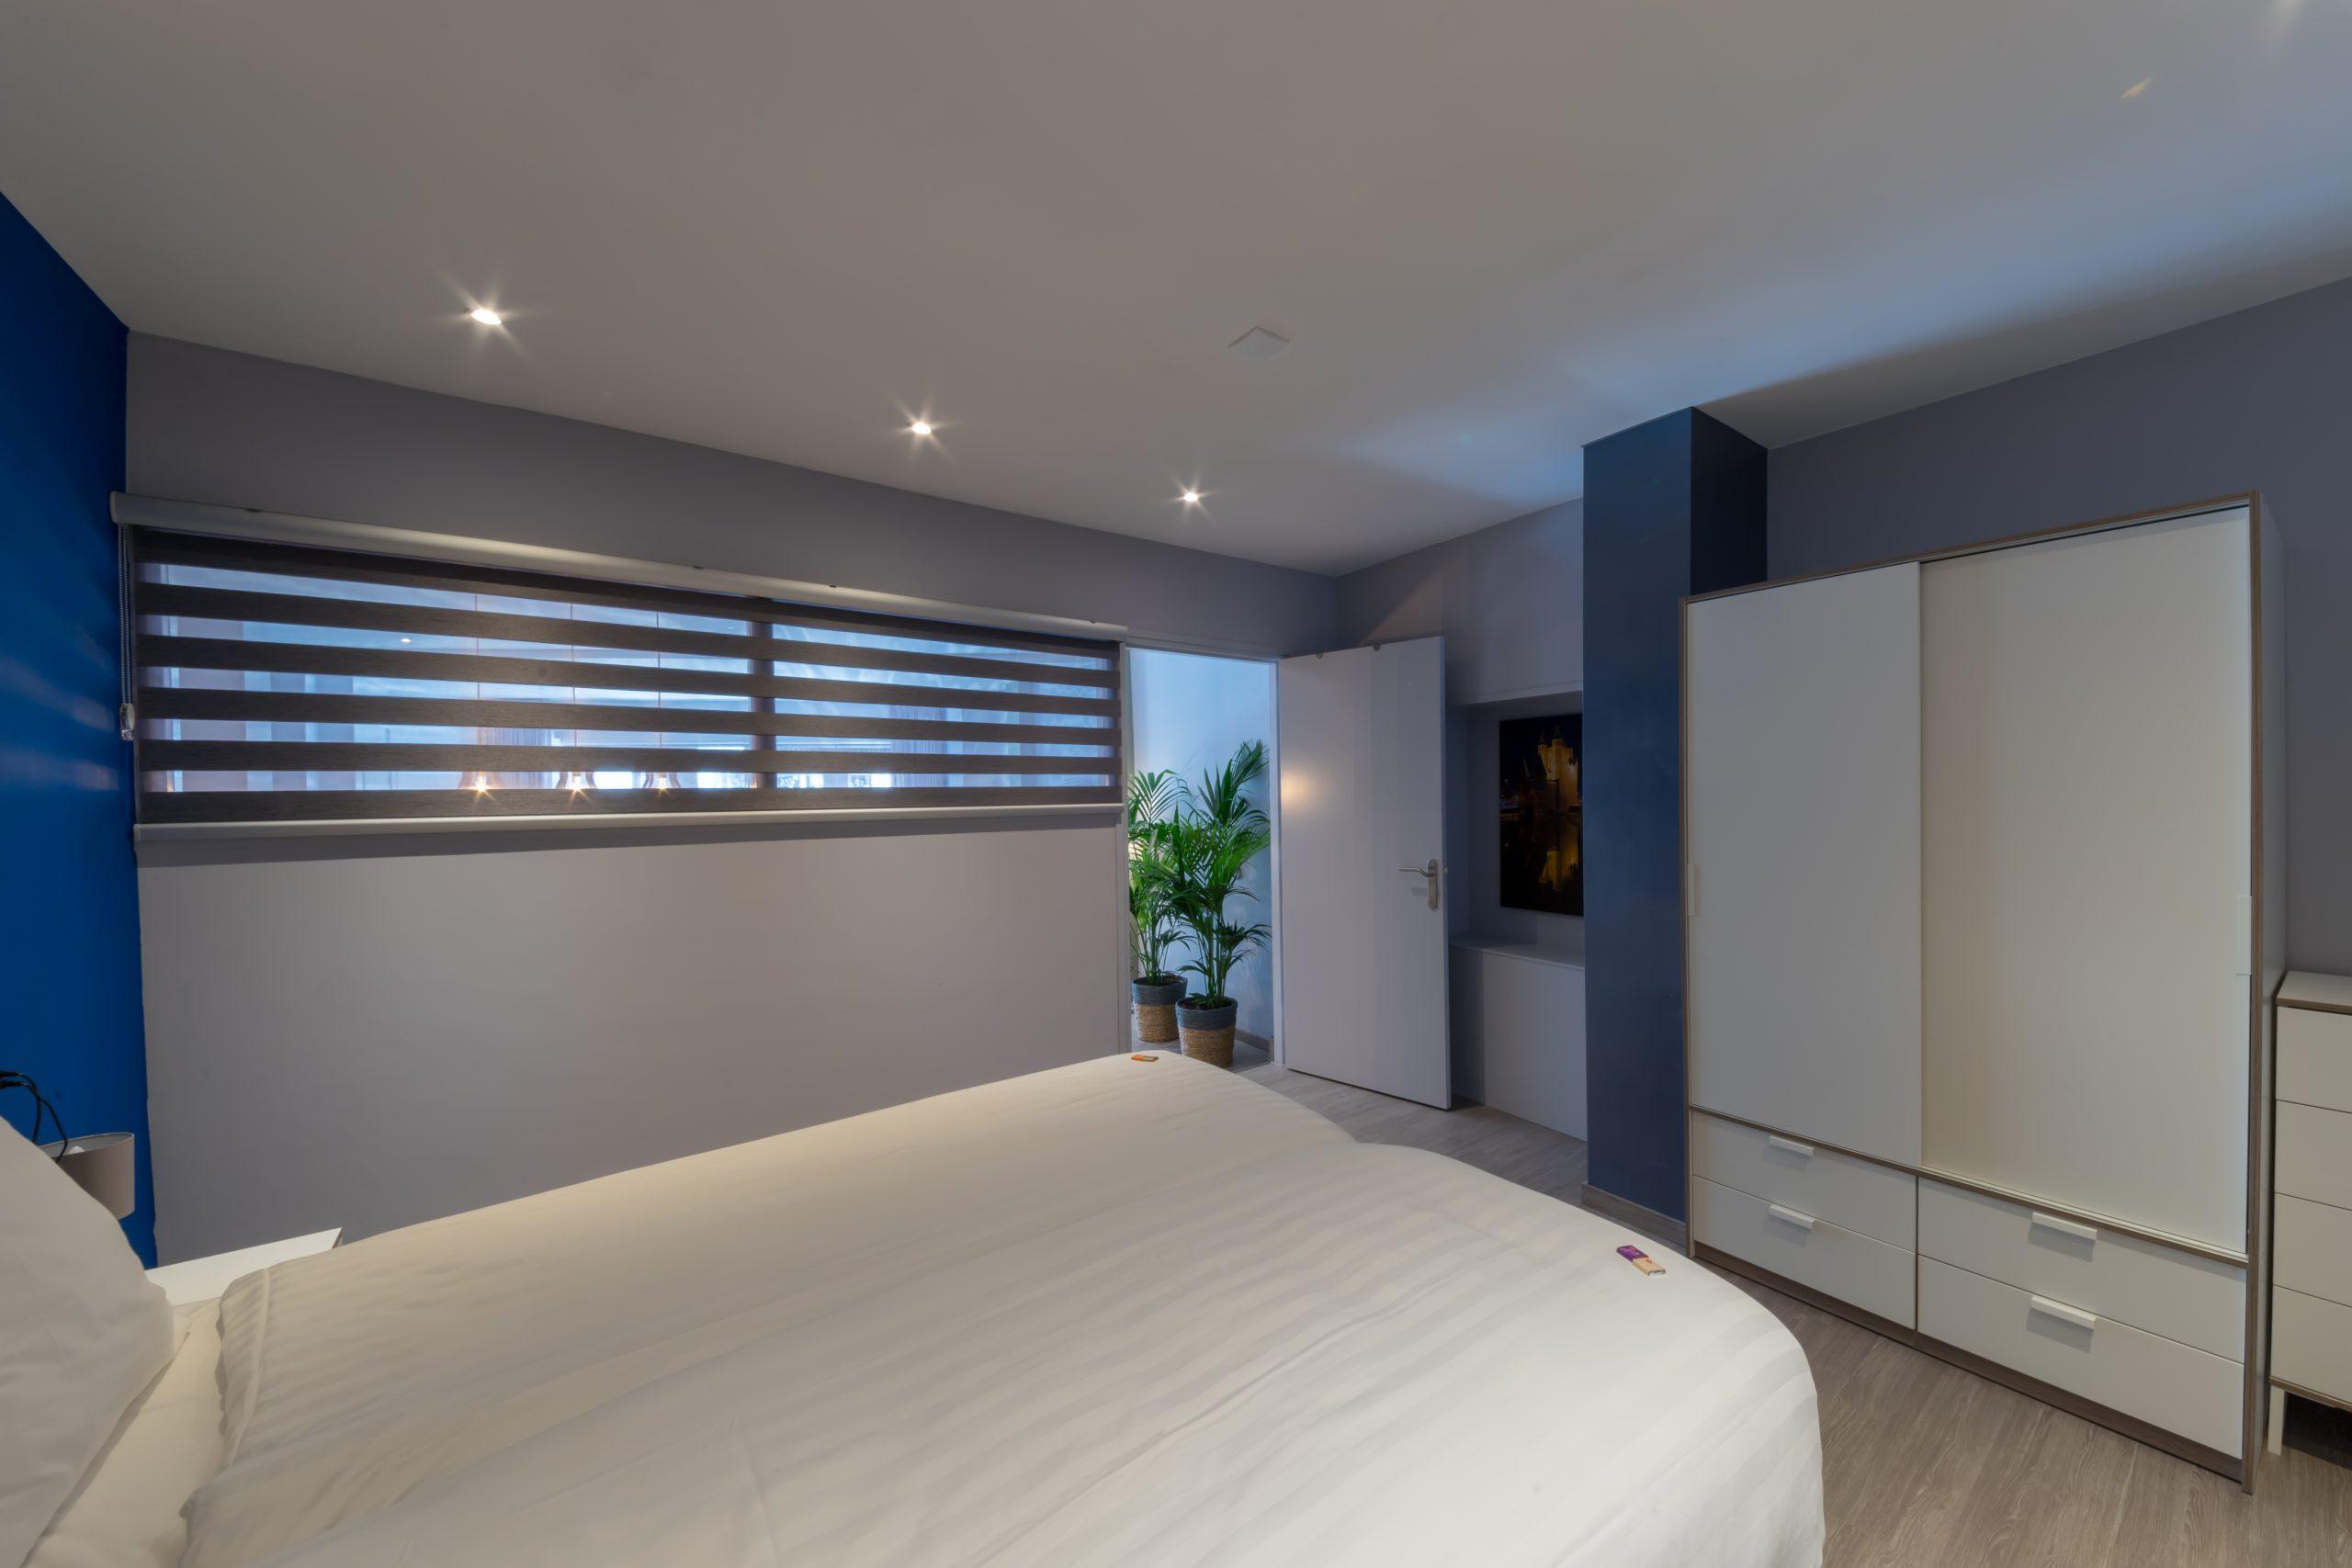 Slaapkamer-sleepingroom-schlafzimmer-Tulp-Relaxed-Slapen-2